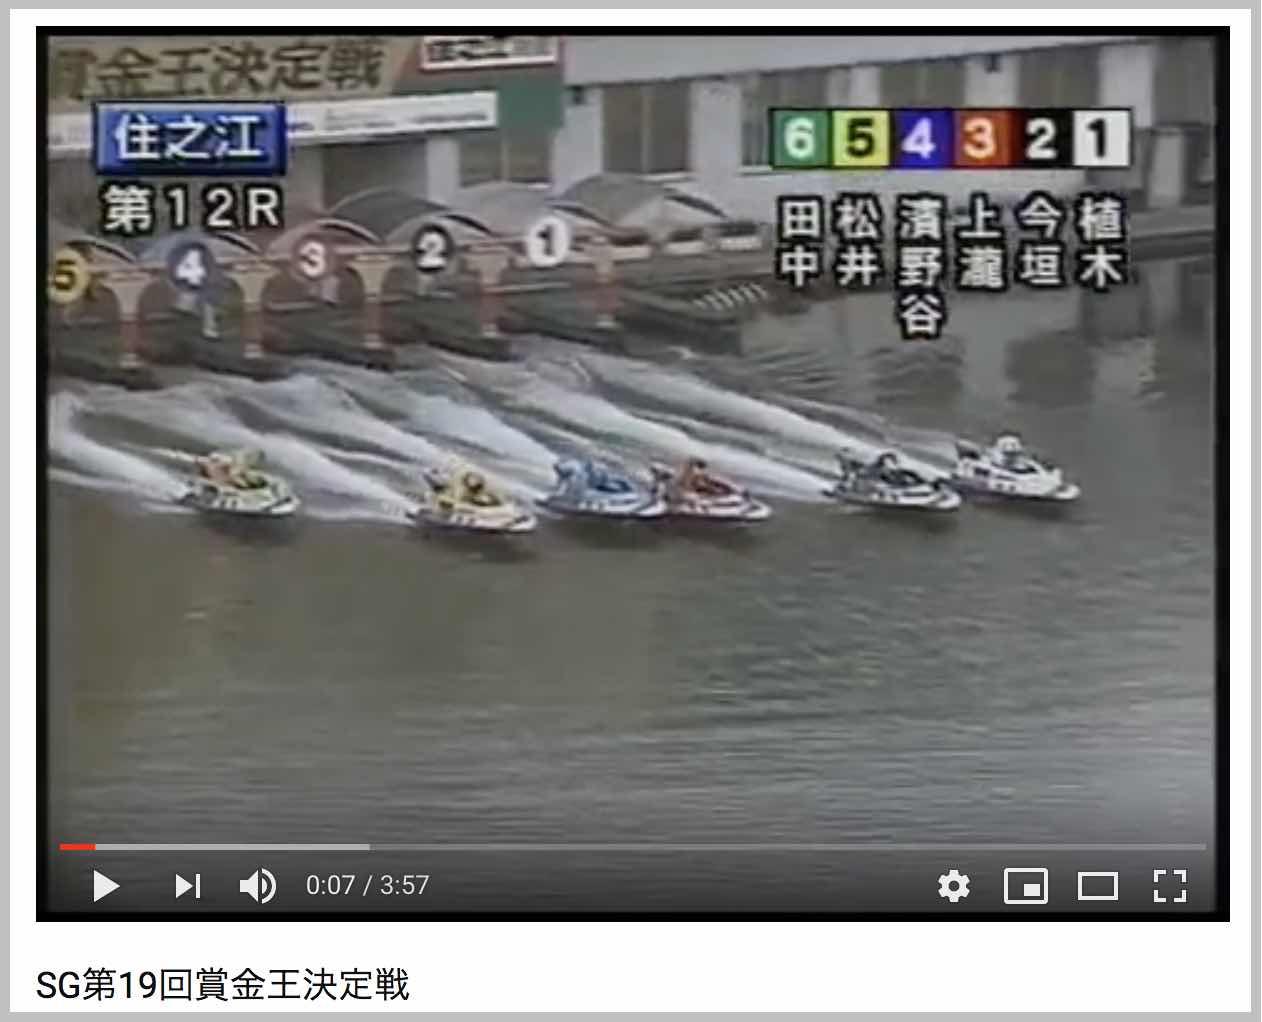 2004年グランプリ優勝戦は大逆転の優勝